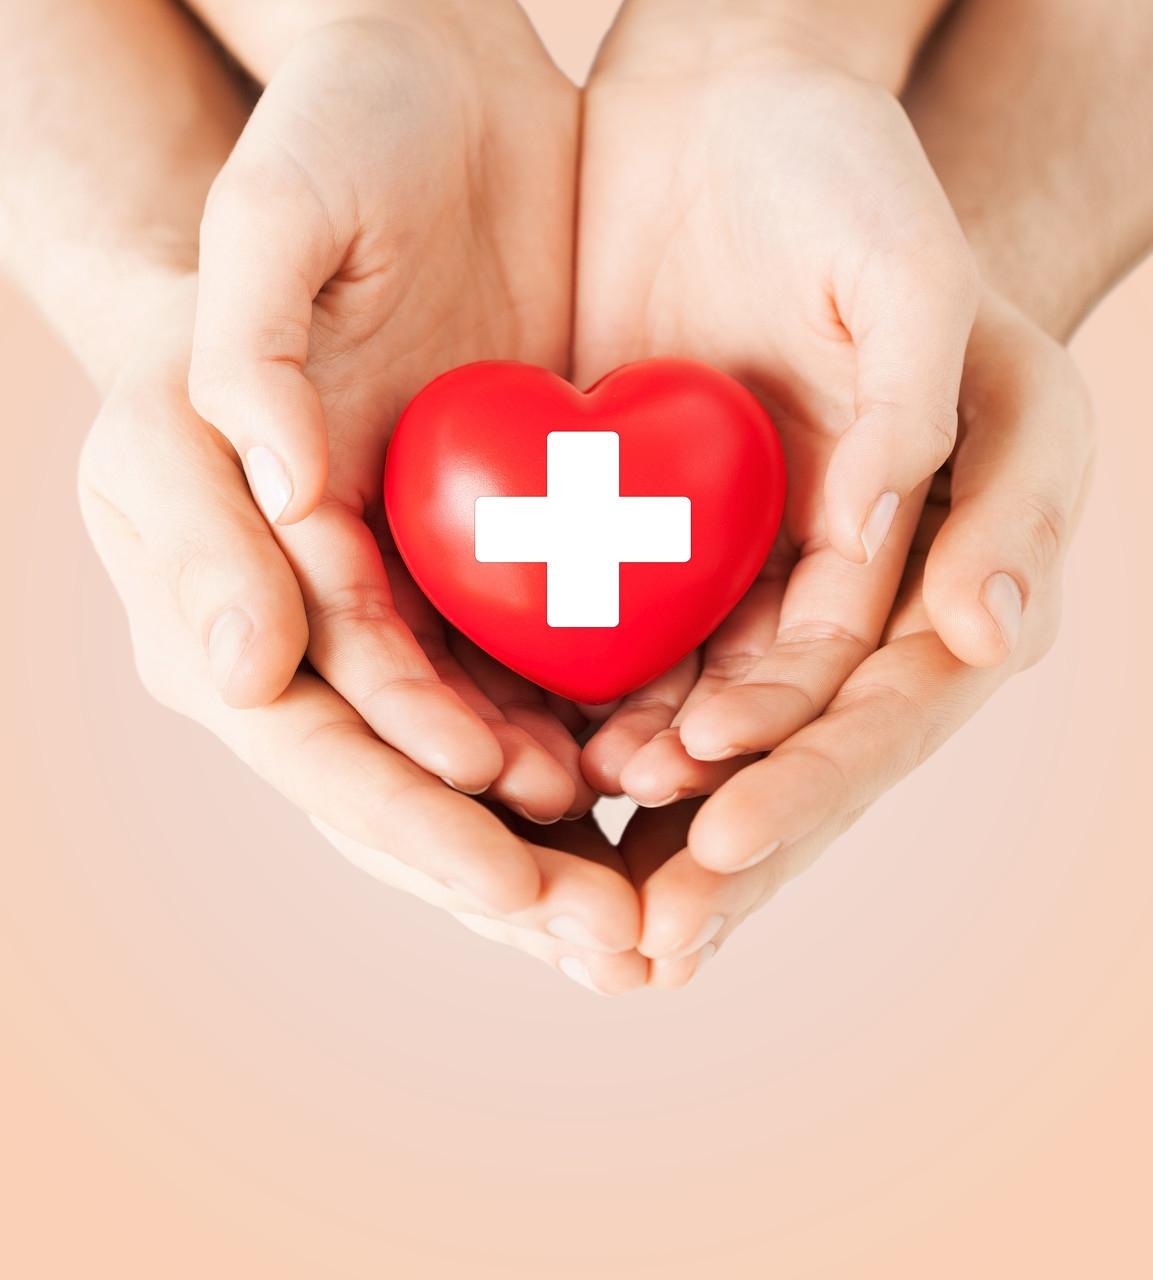 介入治疗对心脏病病人来说有没有效果?